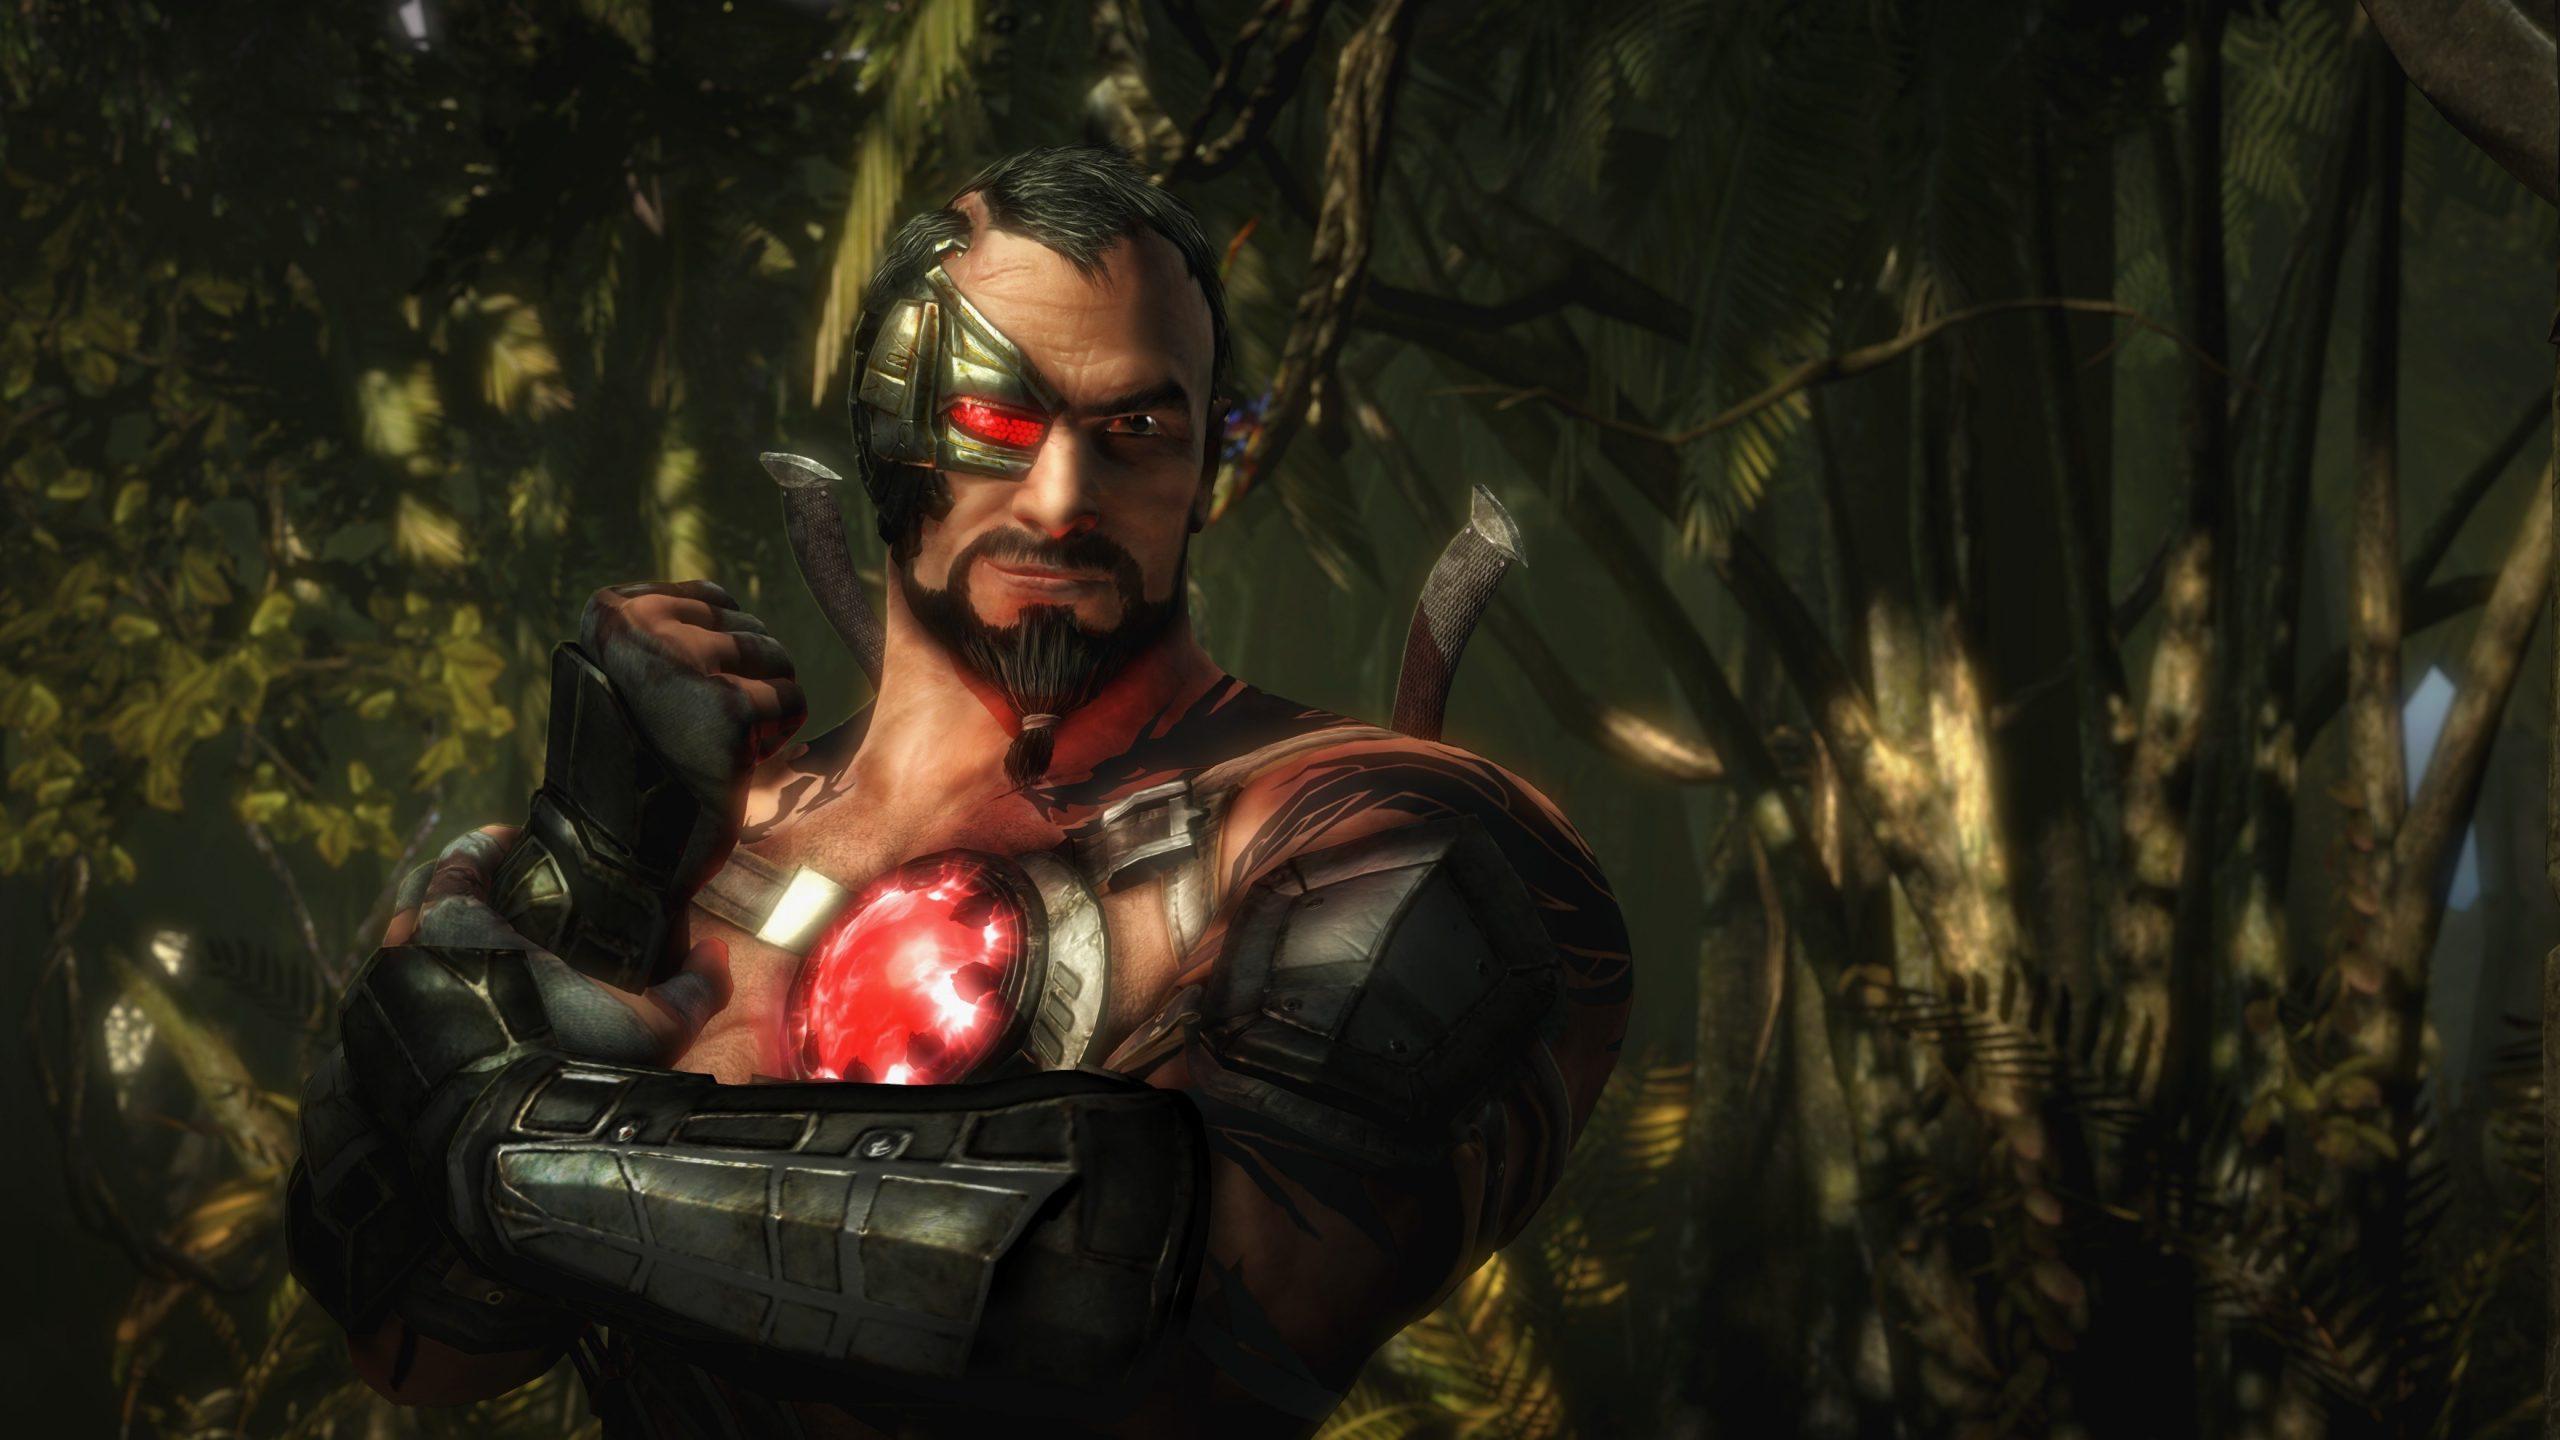 Mortal Kombat Photos 5